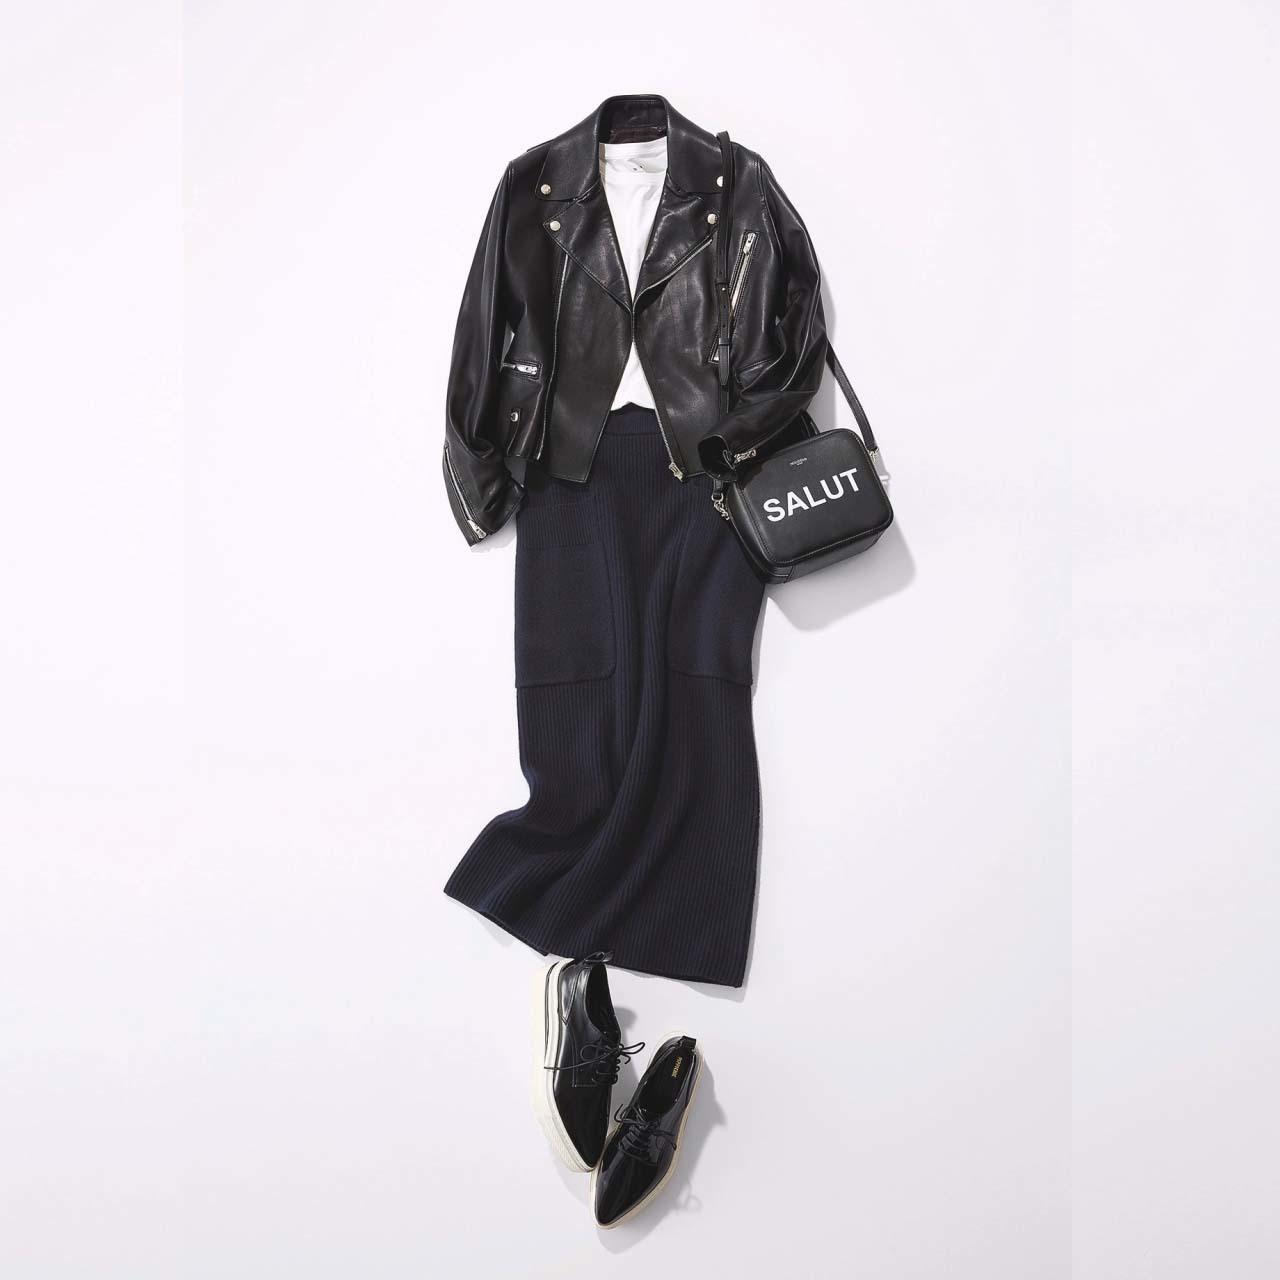 黒のライダースジャケット×ペンシルスカートコーデ